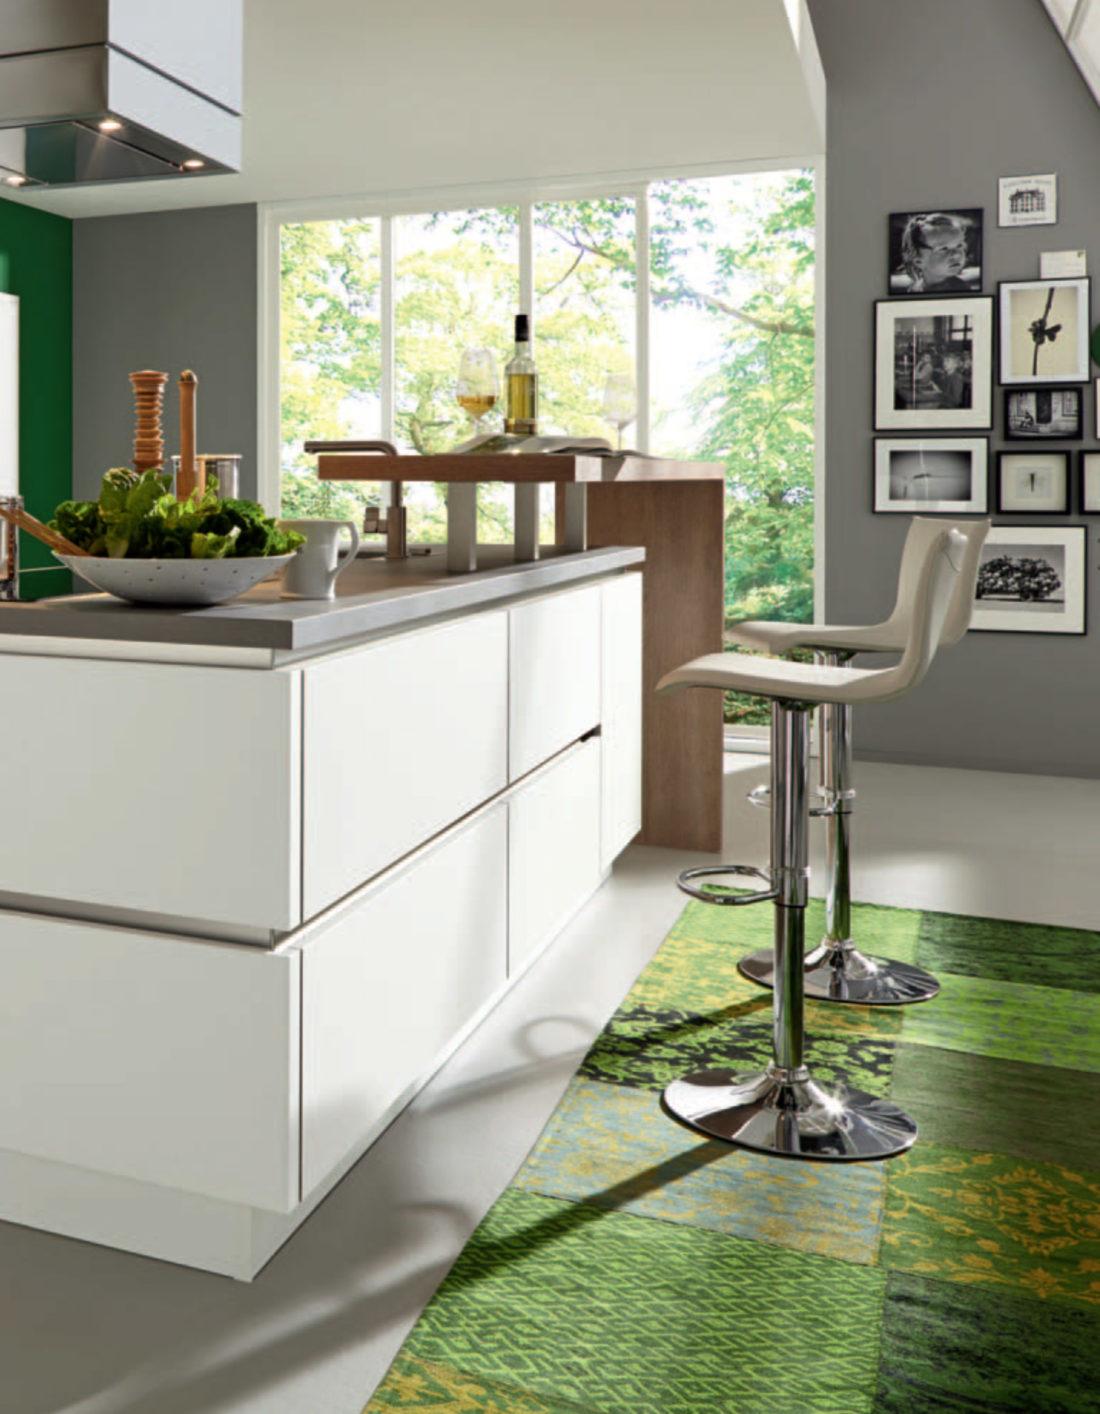 Cuisine Colorée et Innovante - ID Concept - Intérieurs Privés